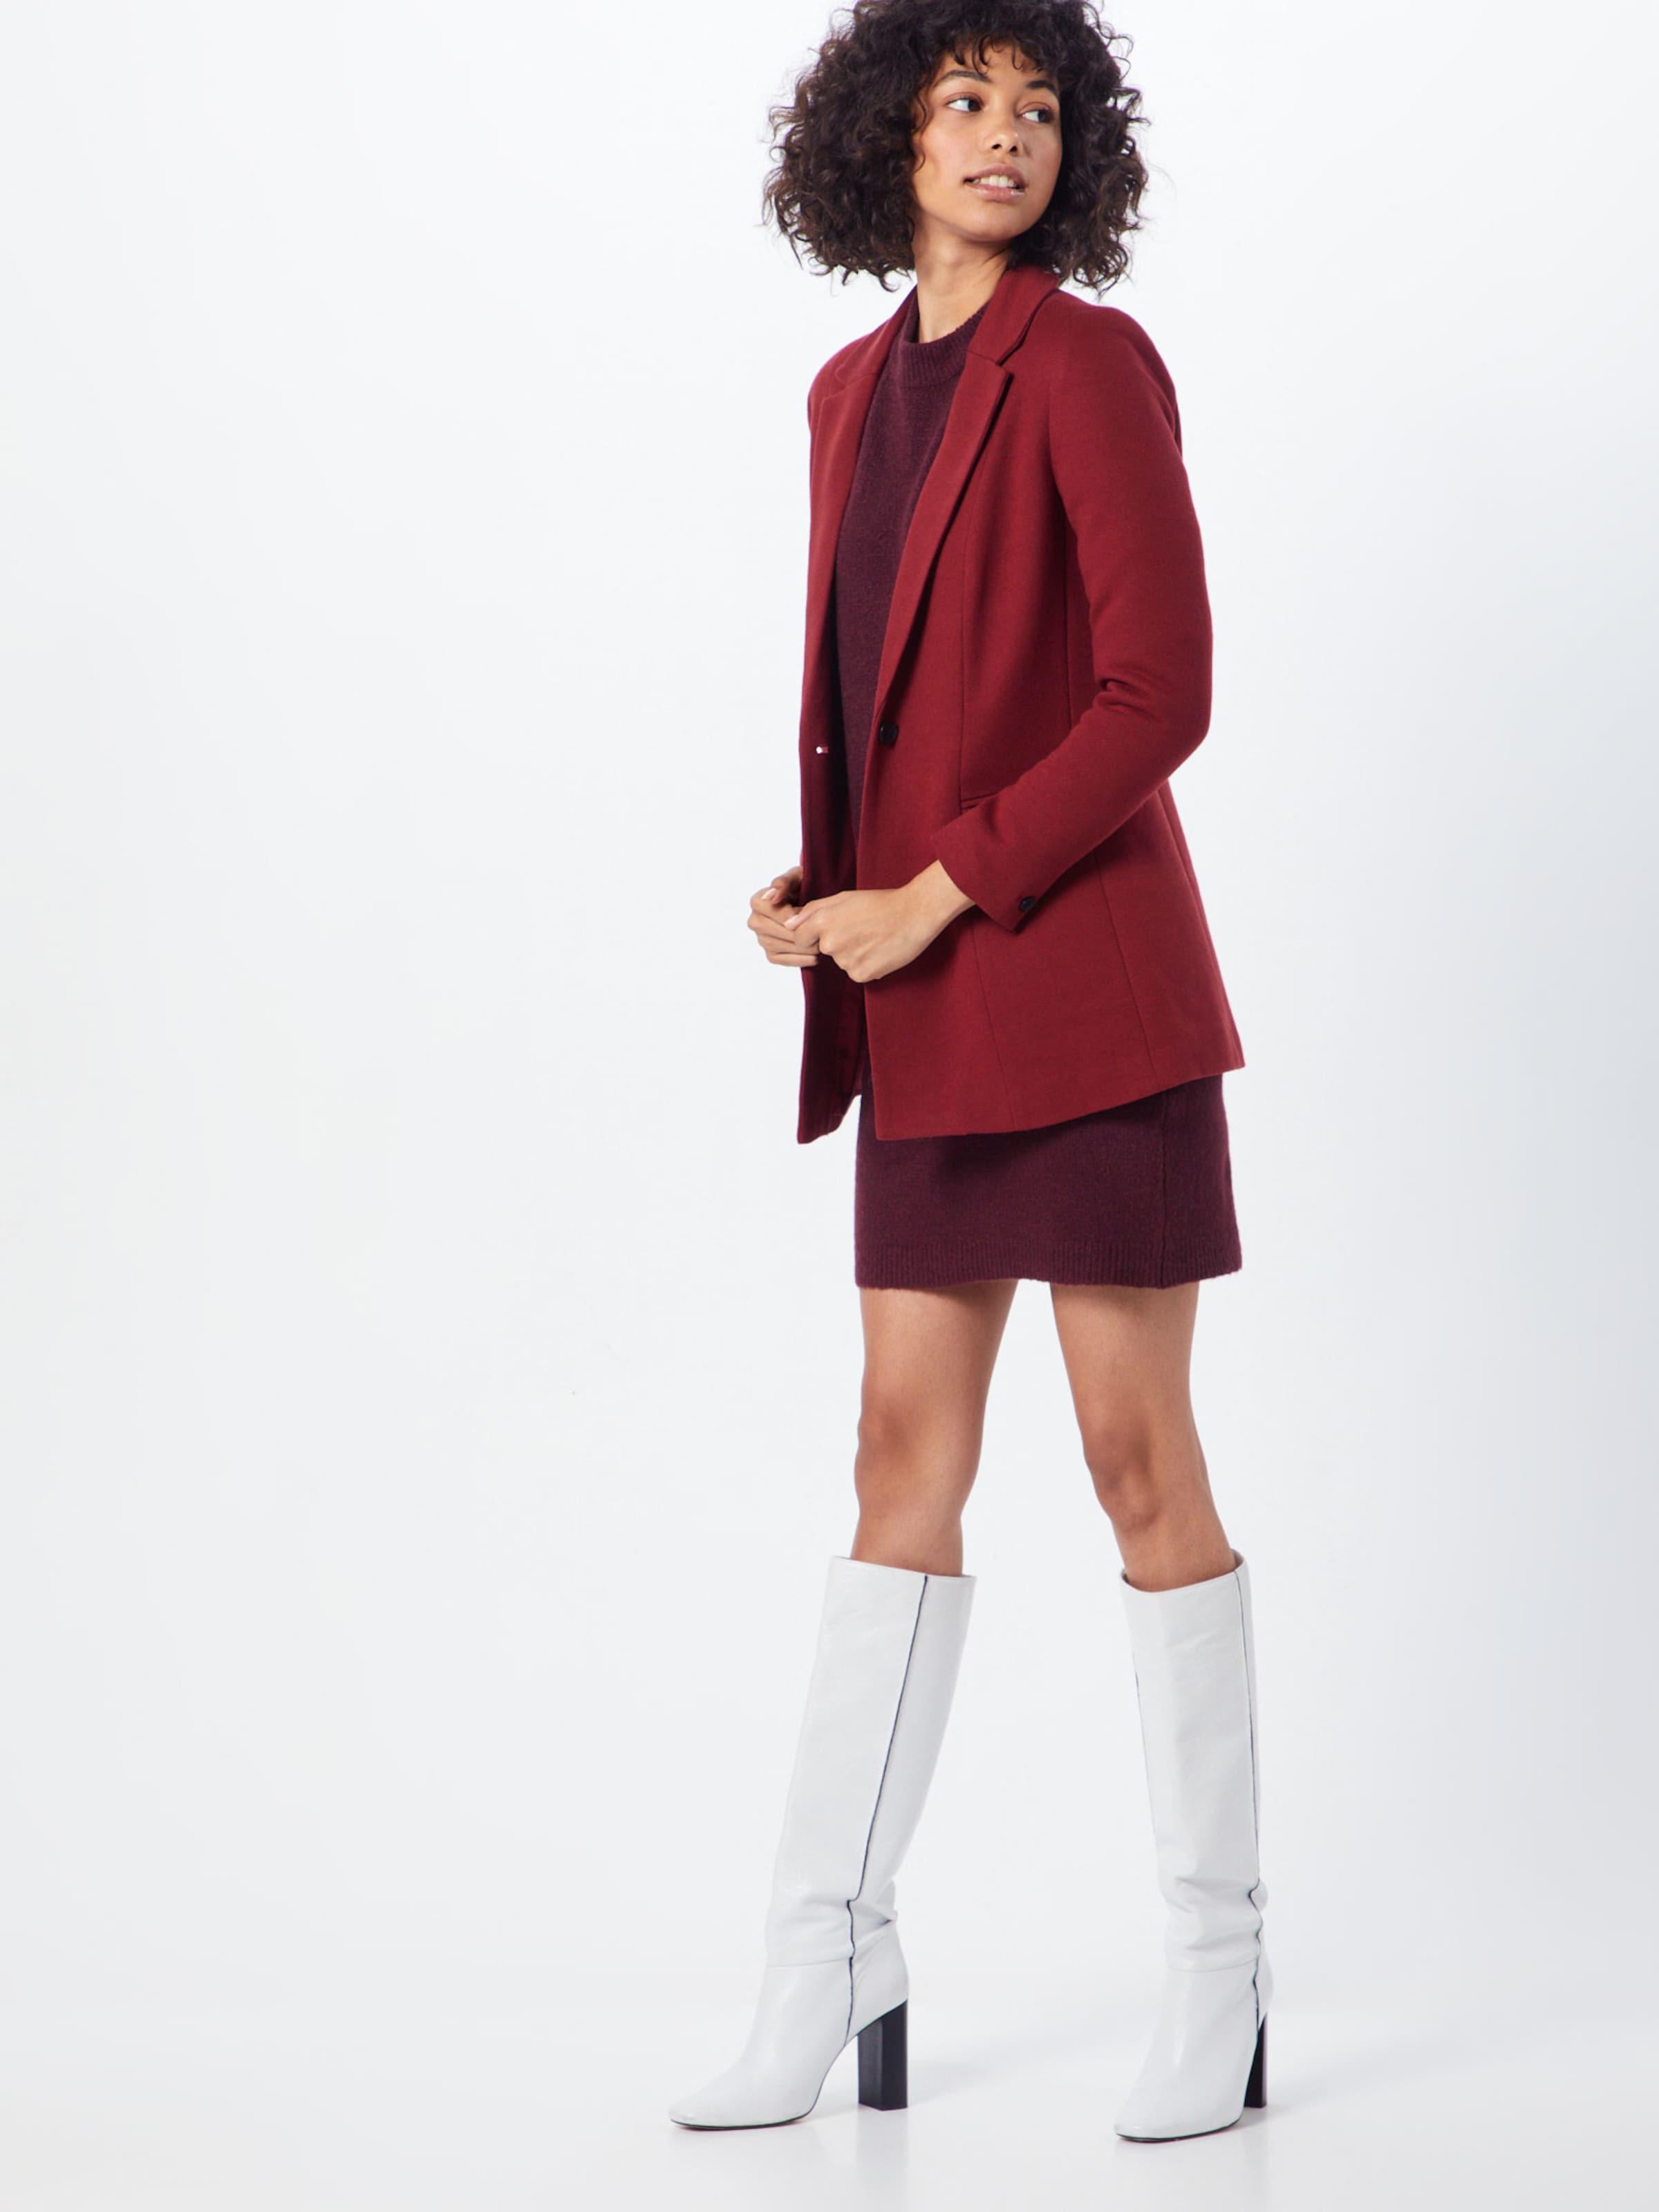 In 'objeve Object Noos' L Nonsia Dress Kleid s Weinrot Knit PkiuwXZlTO